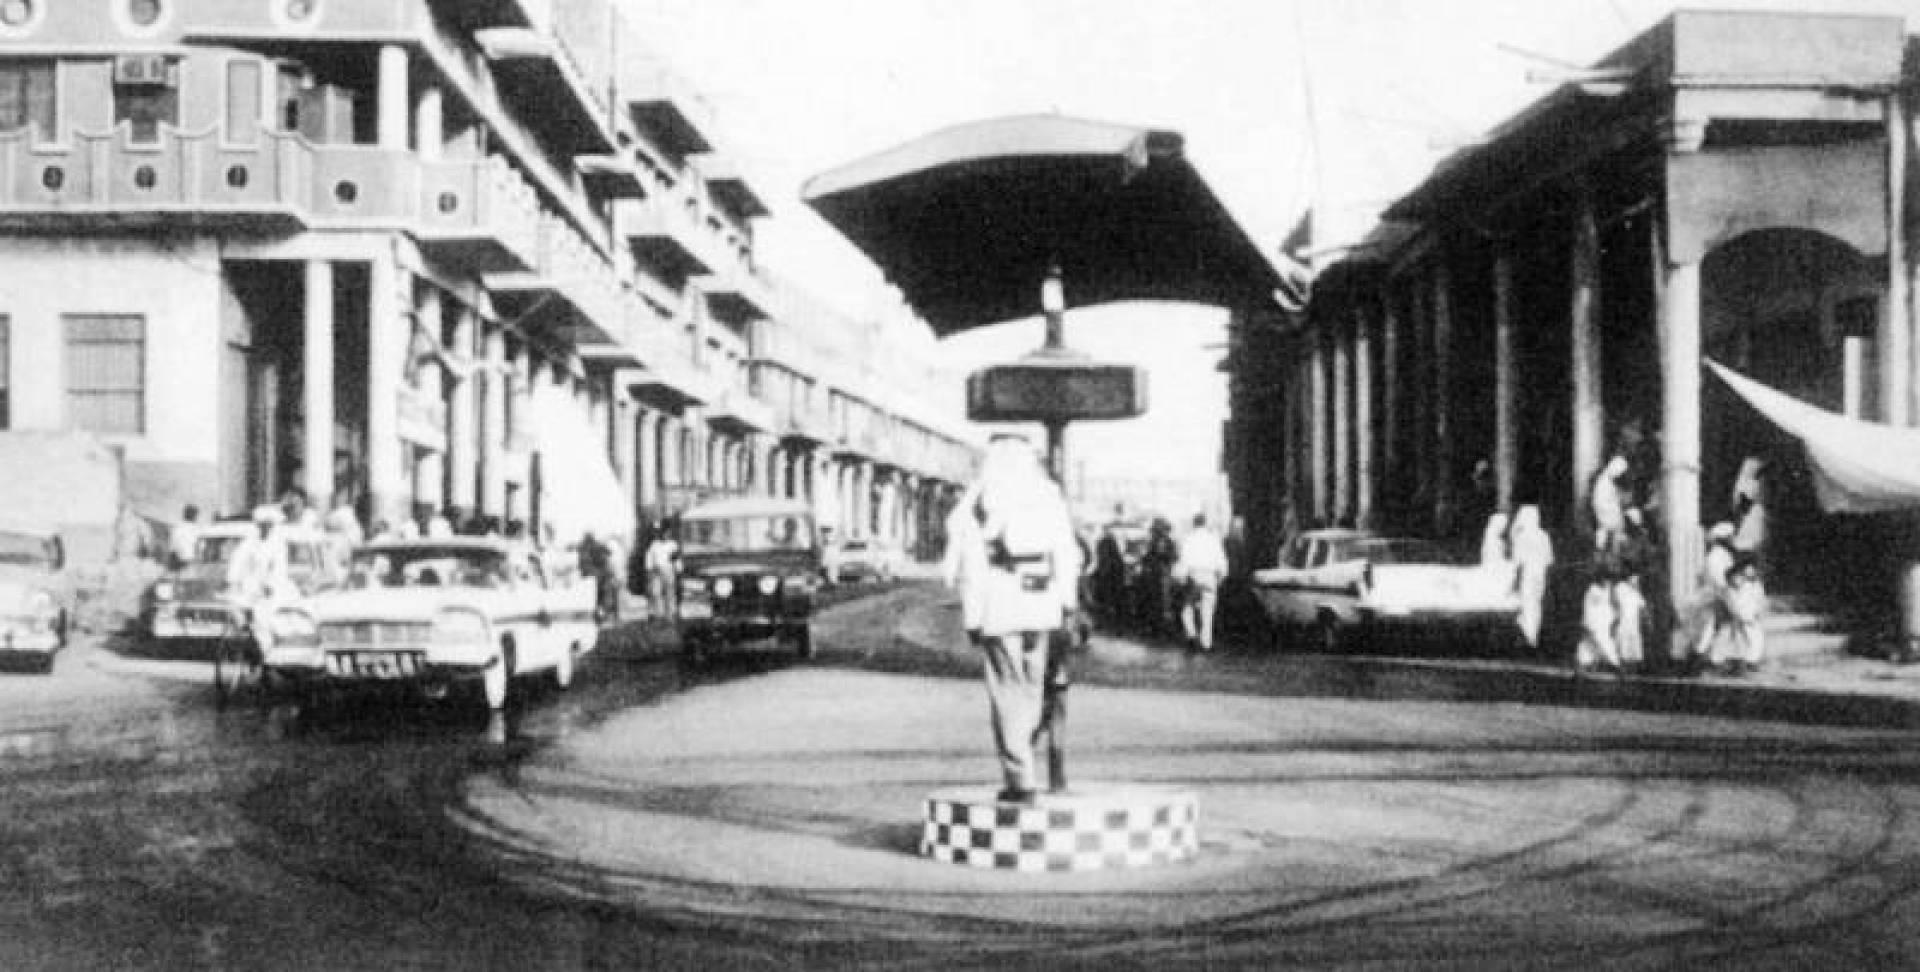 الكويت قديما.. صورة أرشيفية